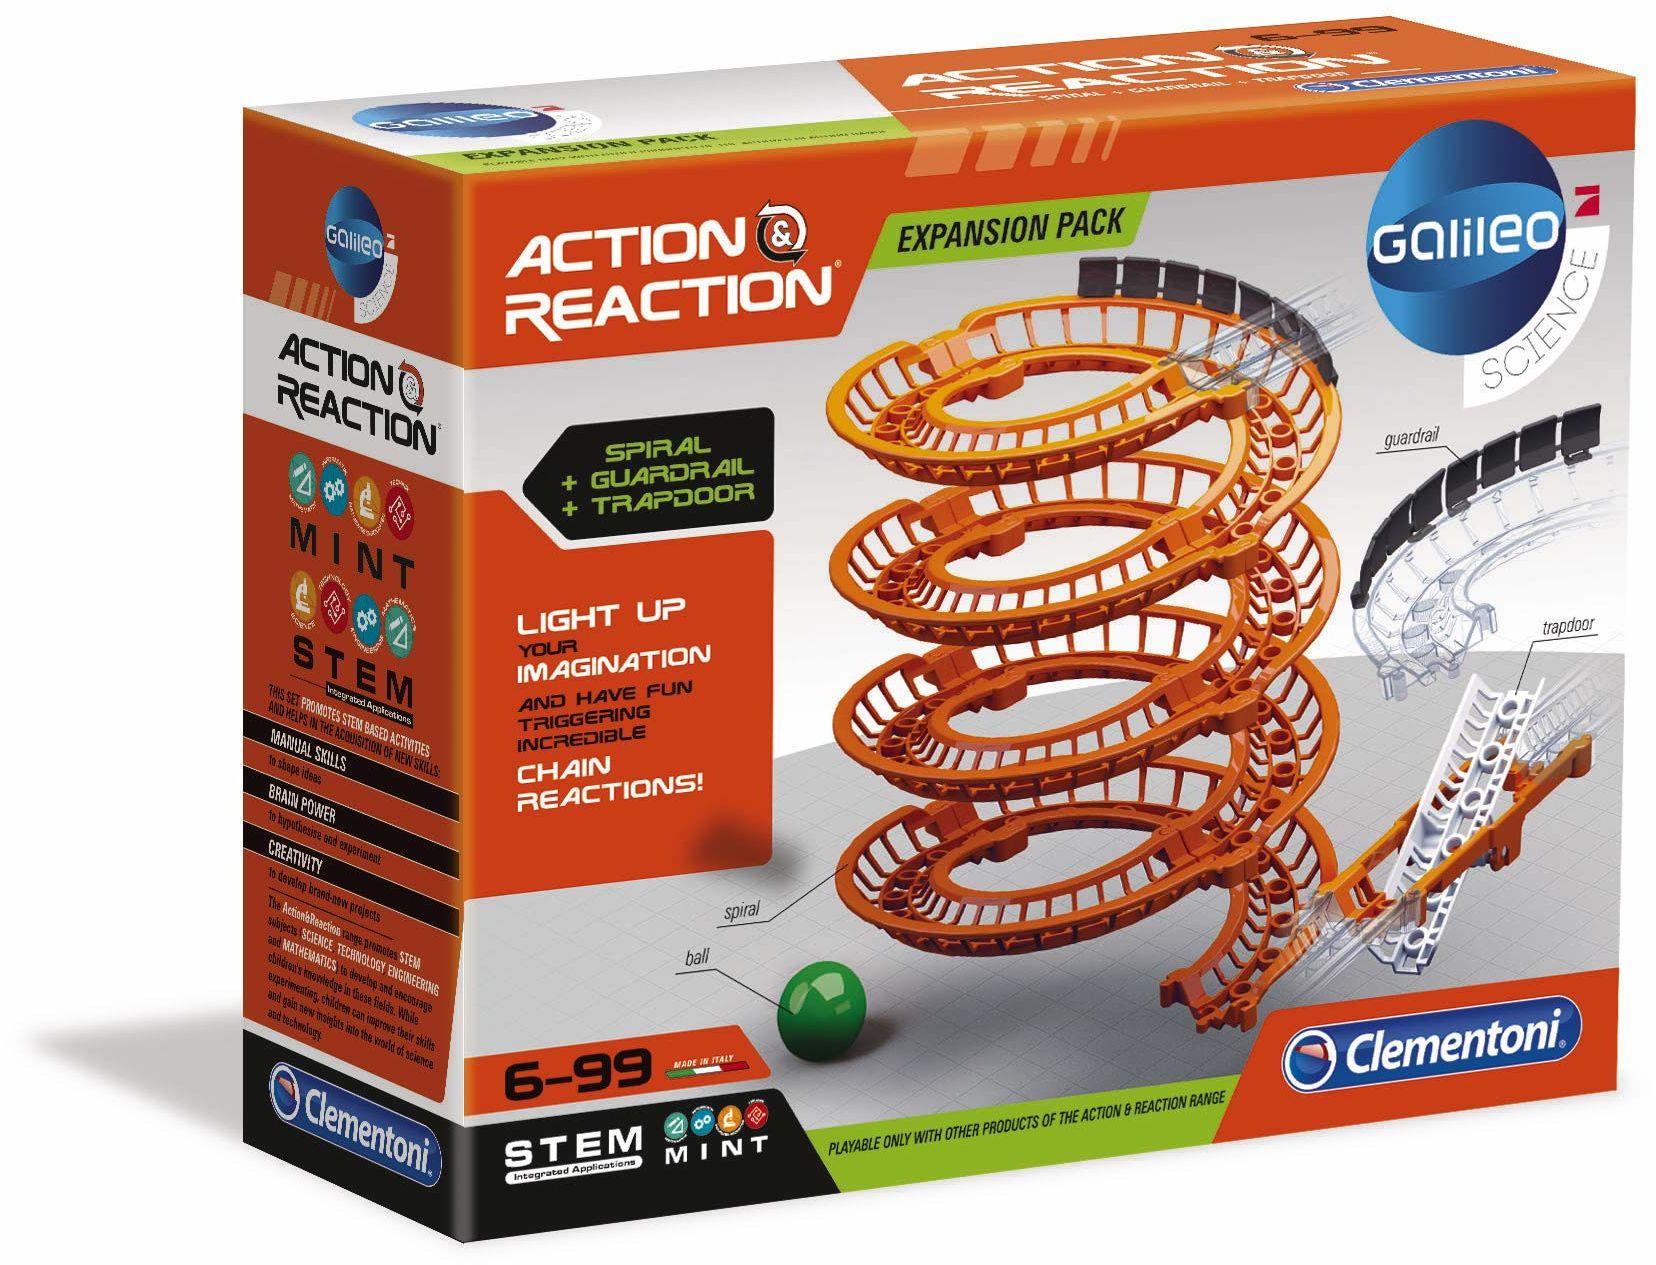 Clementoni 59169 Galileo Science  Action & Reaction szyny spiralne, drzwi spadające i listwy dachowe, spektakularne akcesoria do toru kulowego, zabawka dla dzieci od 6 lat